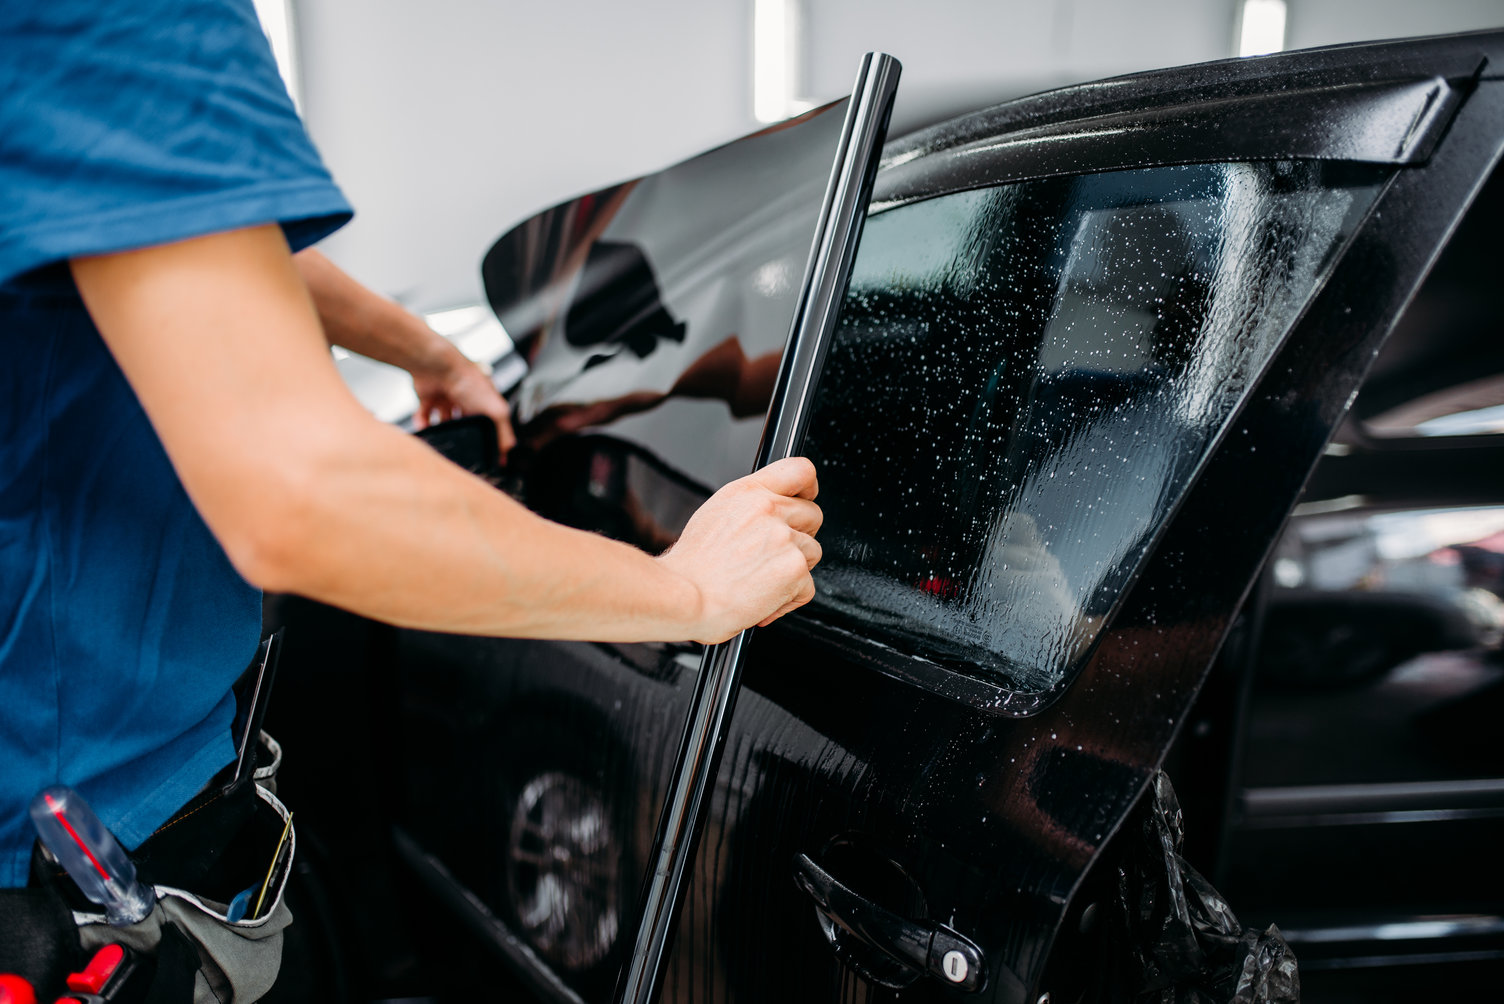 Zasady prawne dotyczące przyciemniania szyb samochodowych